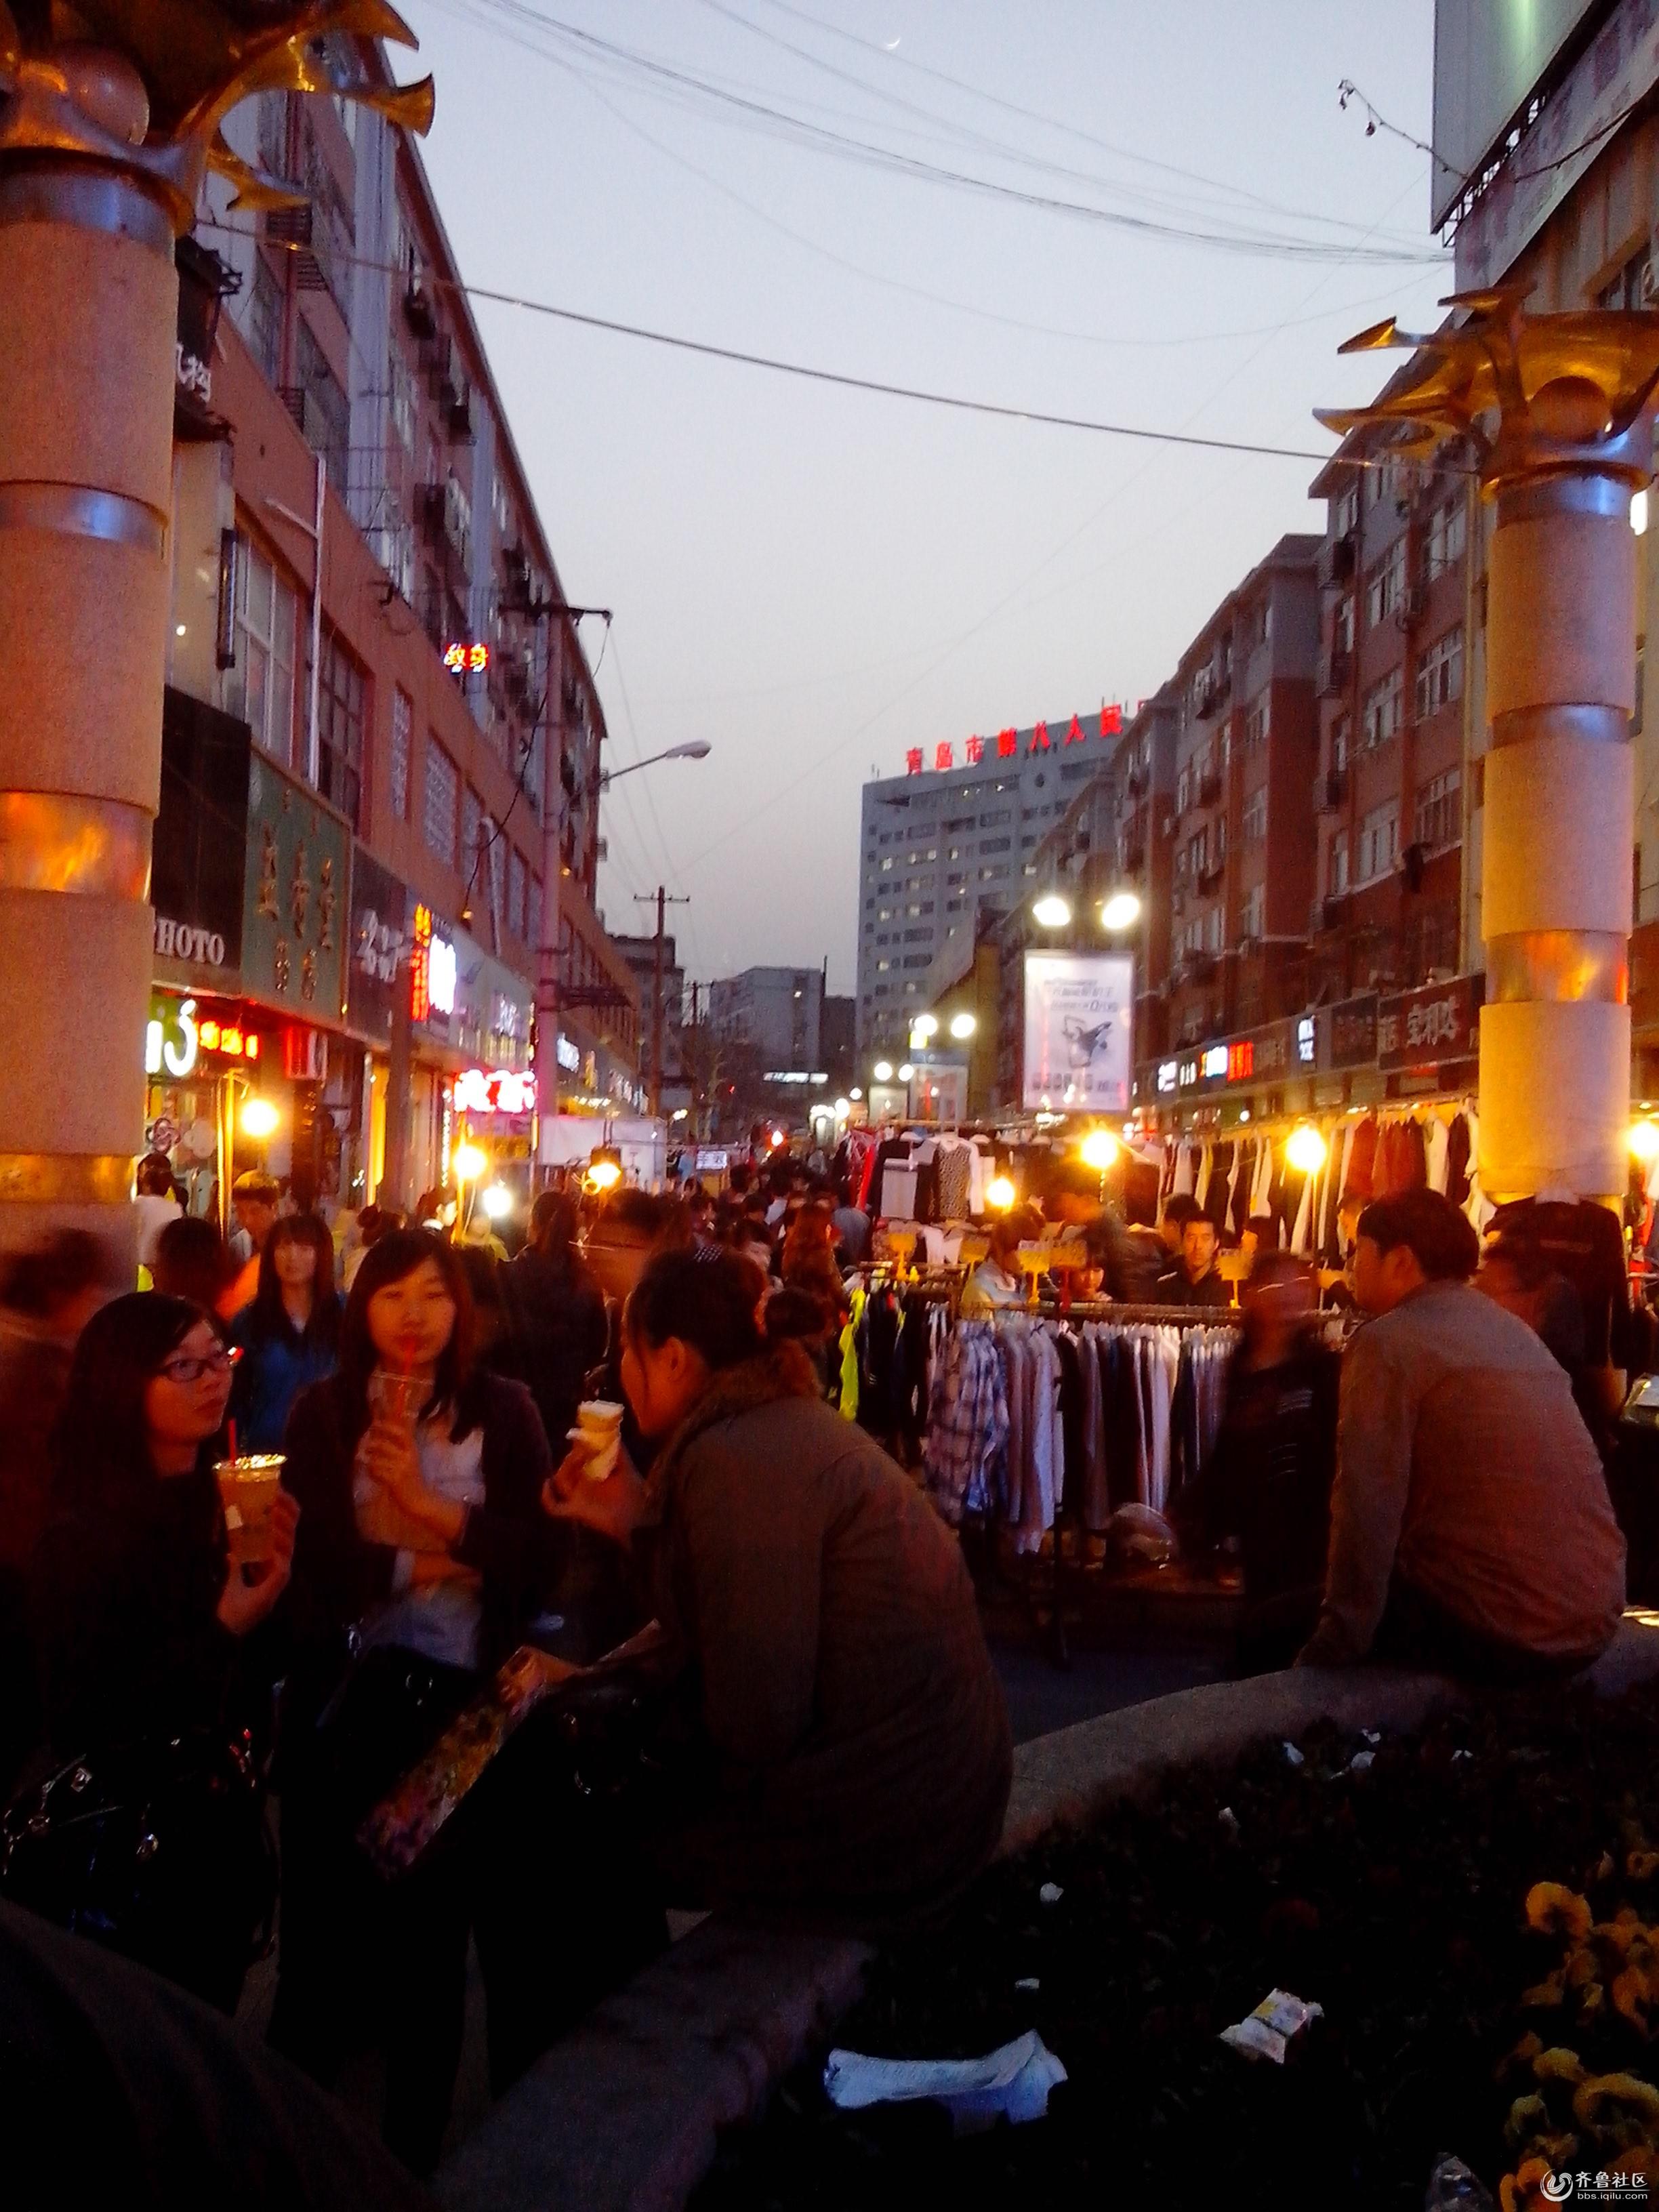 夜市街道背景素材